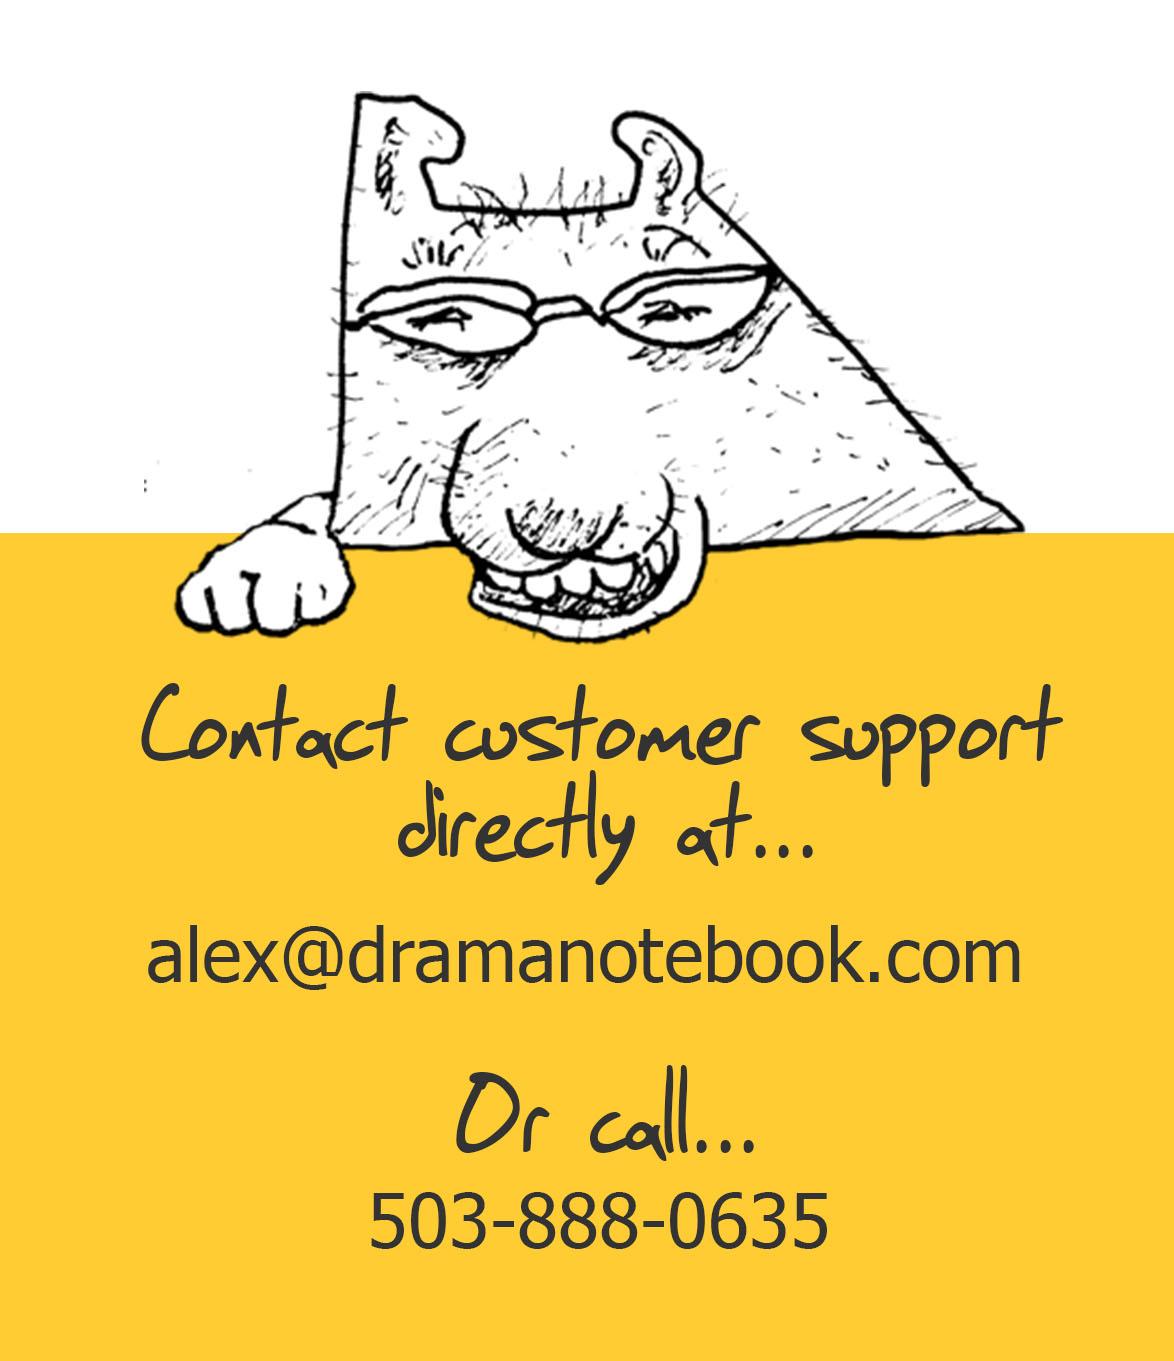 Drama Notebook Contact